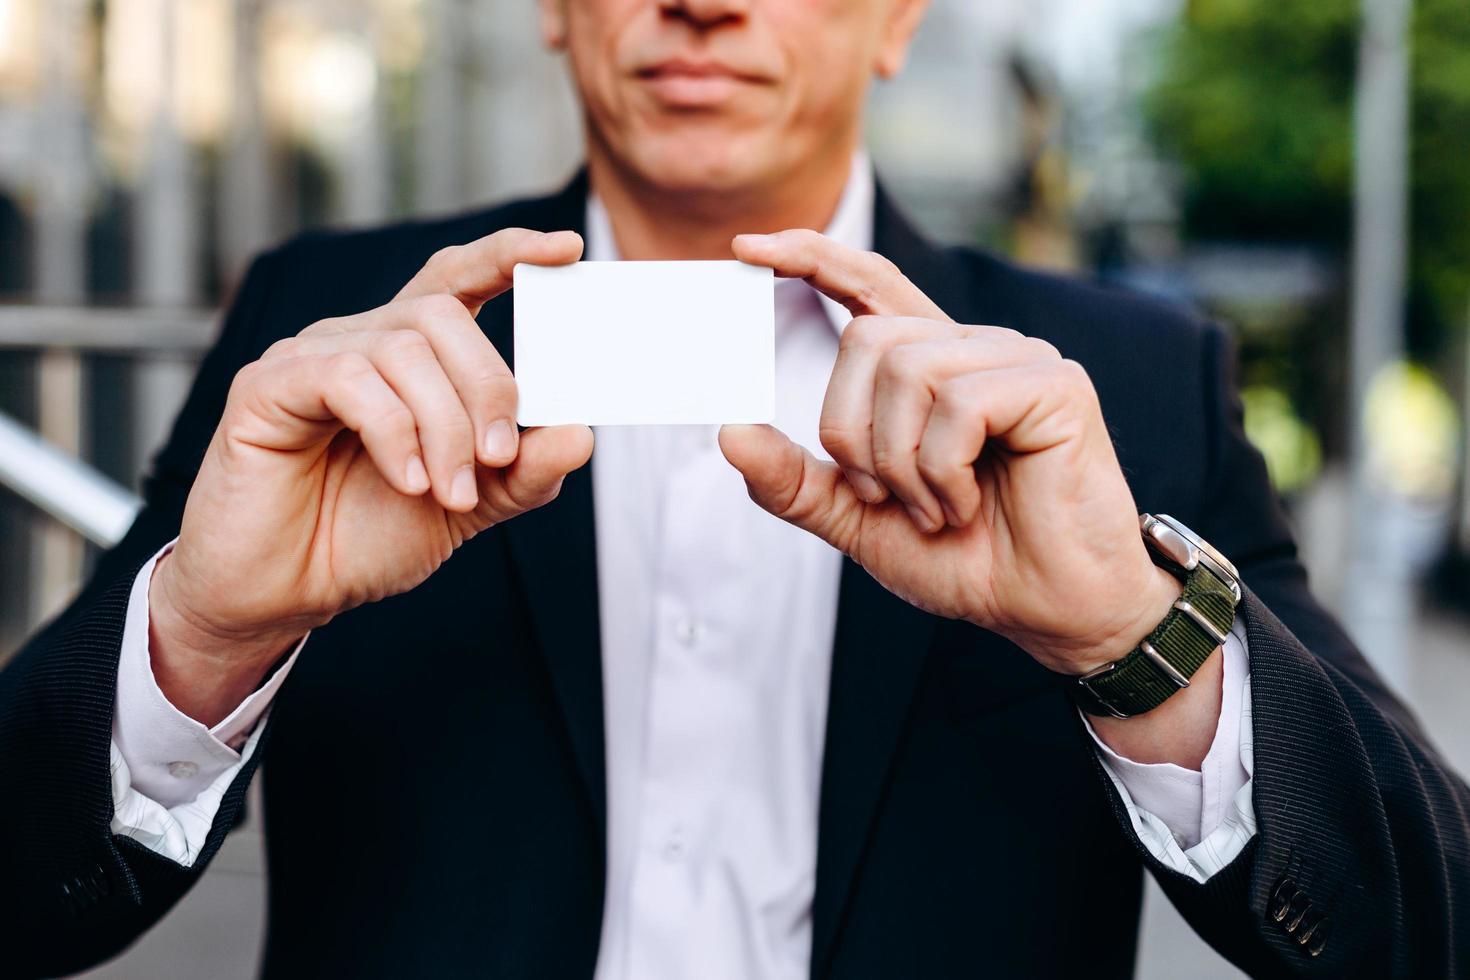 close-up witte lege lege mockup van visitekaartje in mannelijke handen - kopieer ruimte foto